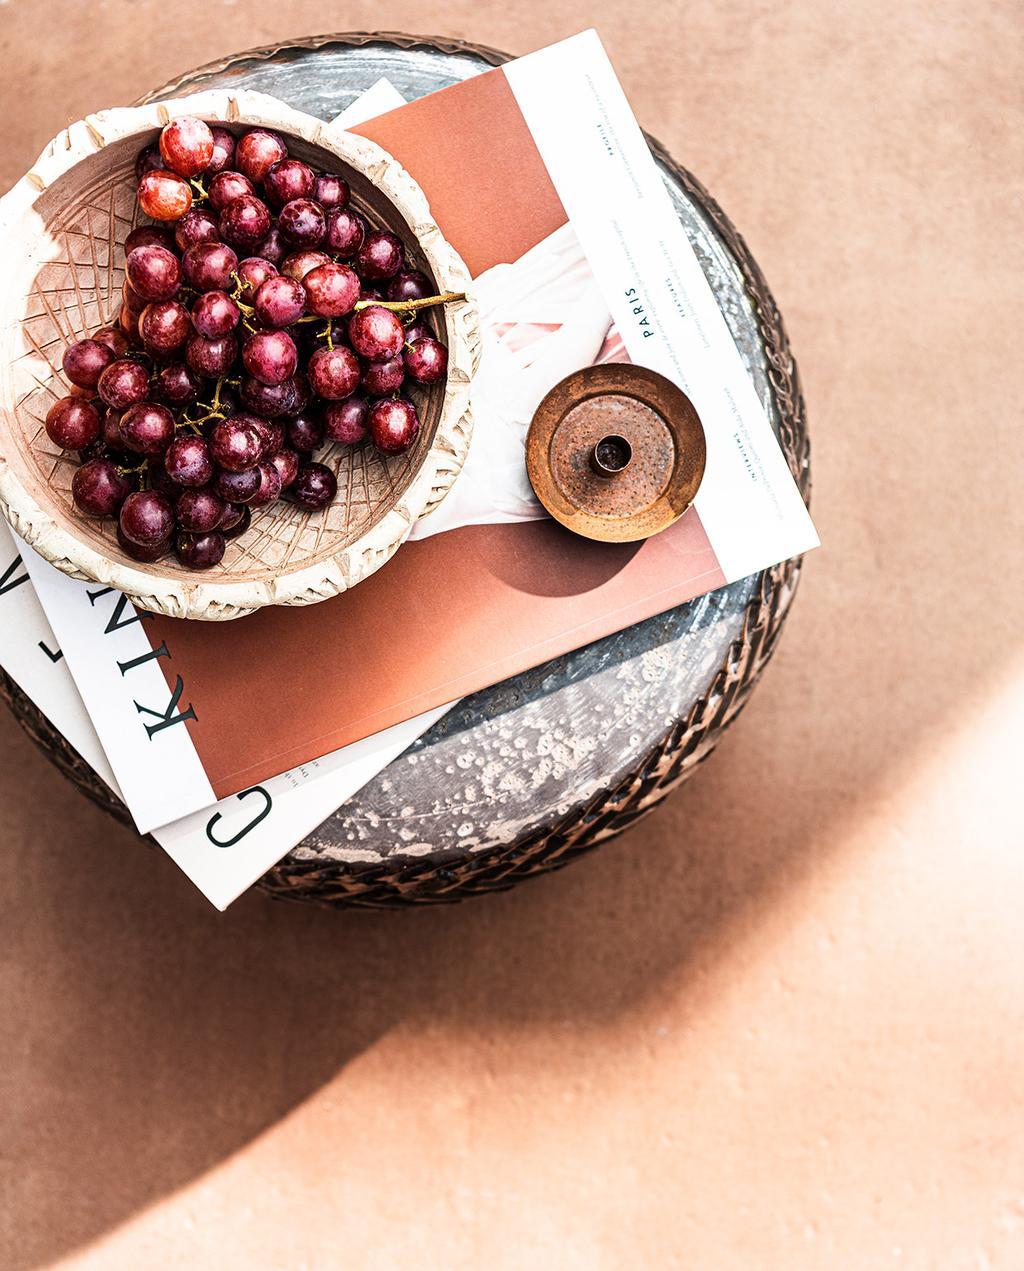 vtwonen 03-2021 | druiven op tafel met buitentegels